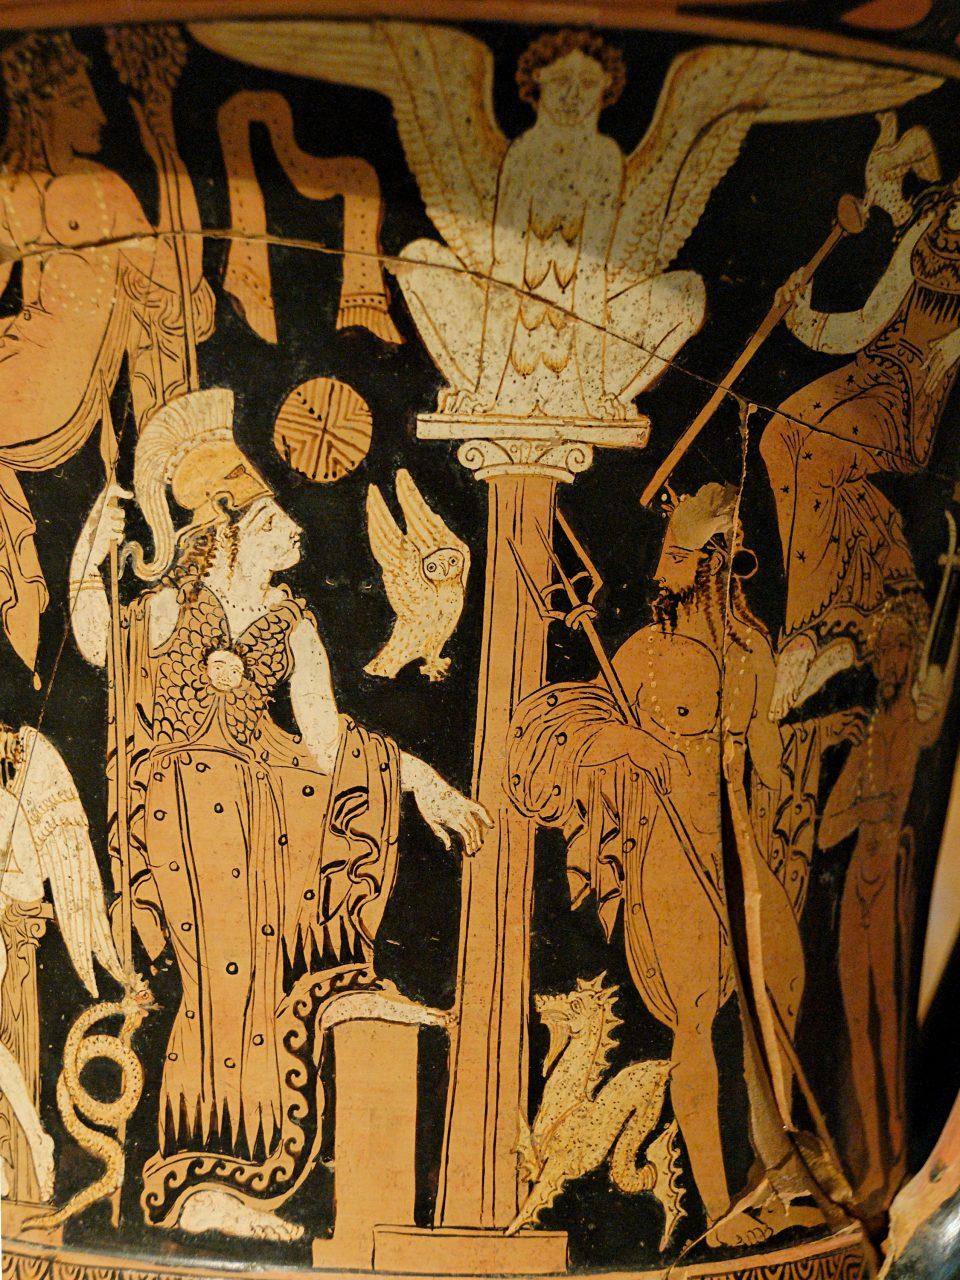 Atena e poseidone in un calice con civetta